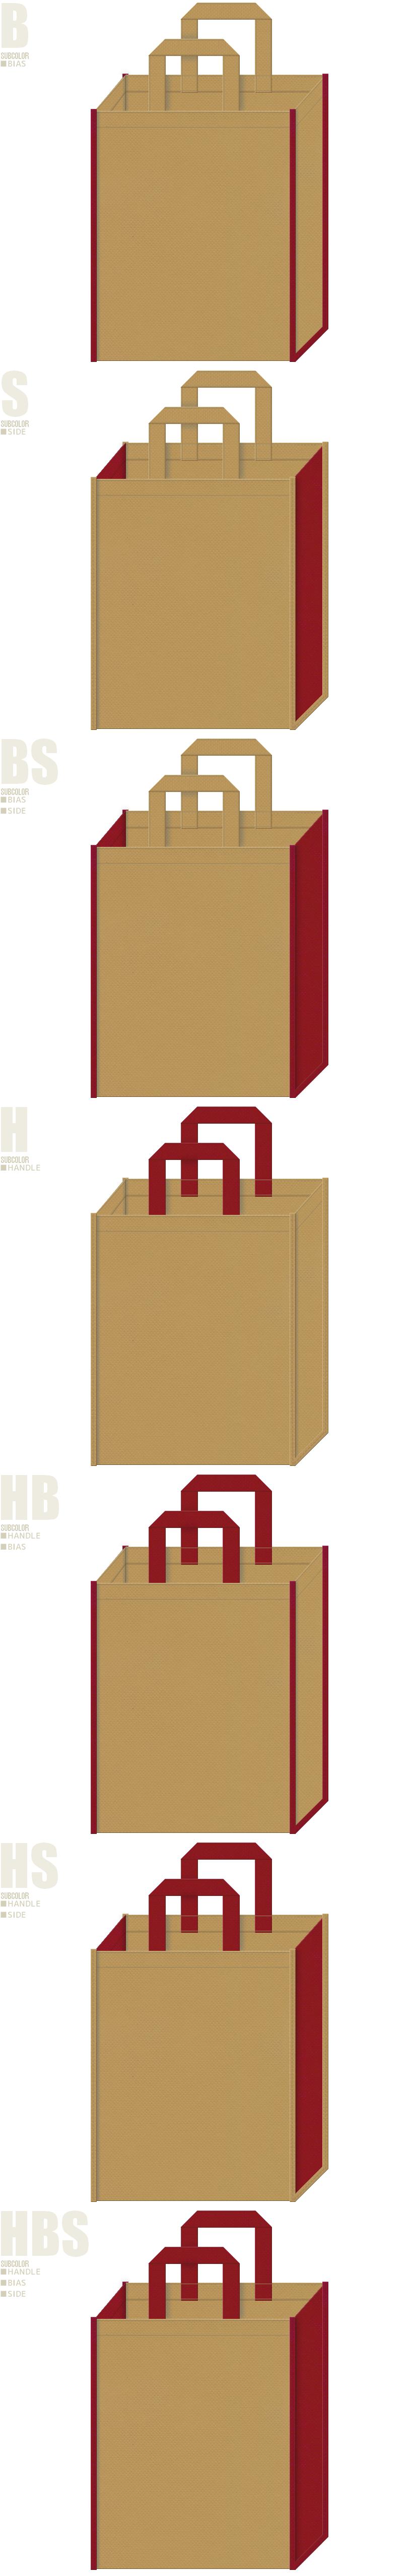 かつおだし・醤油・せんべい・和菓子・和風催事・襖・障子・画材・額縁の展示会用バッグにお奨めの不織布バッグデザイン:マスタード色とエンジ色の配色7パターン